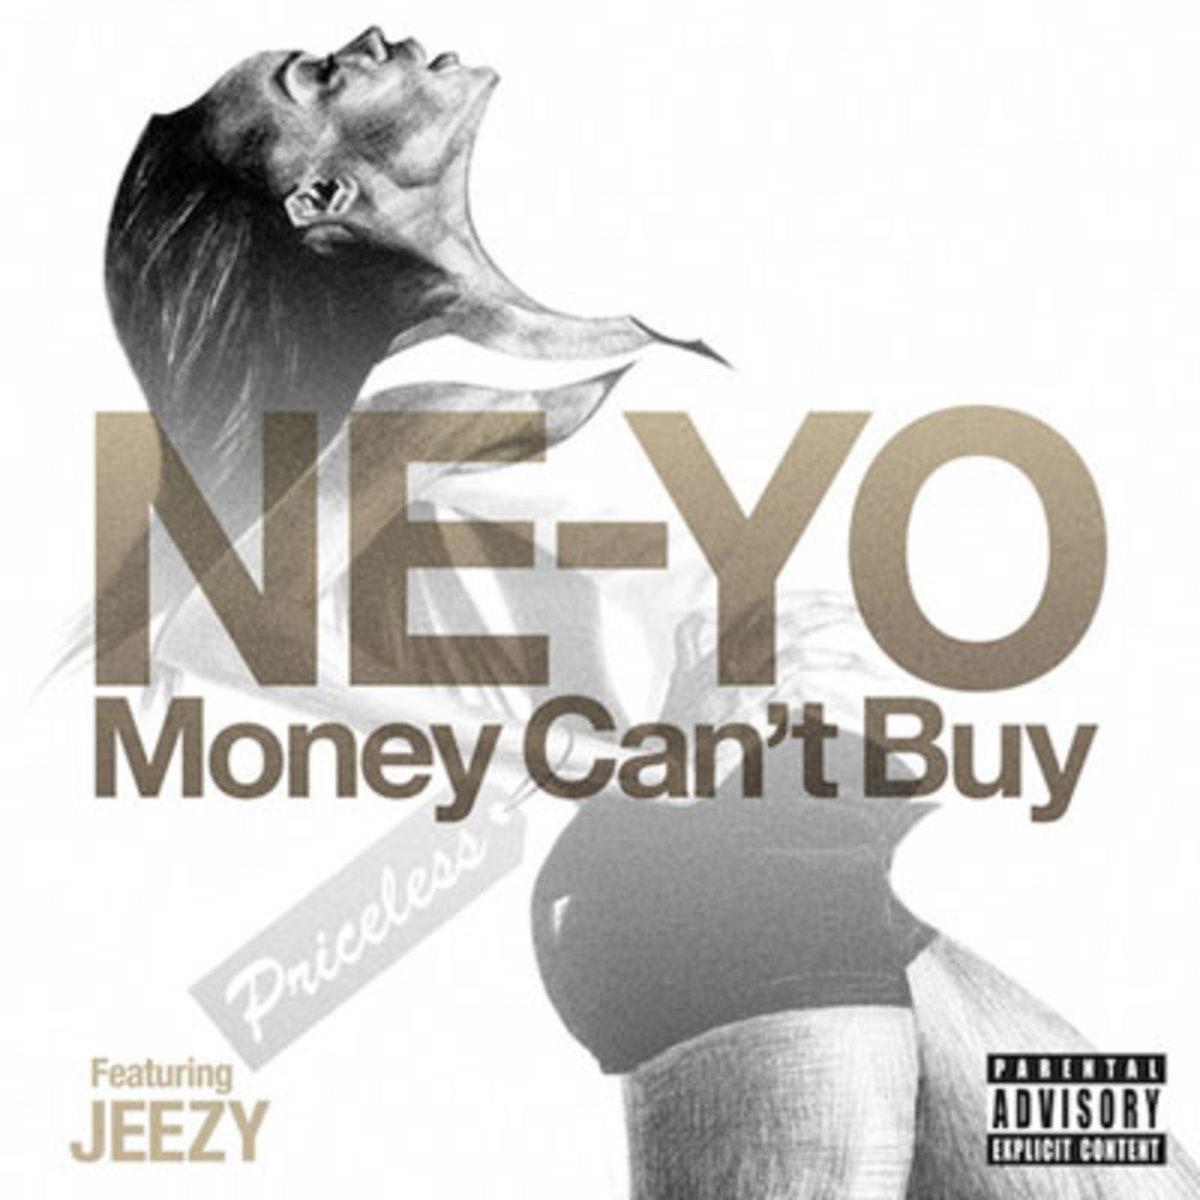 neyo-moneycantbuy.jpg